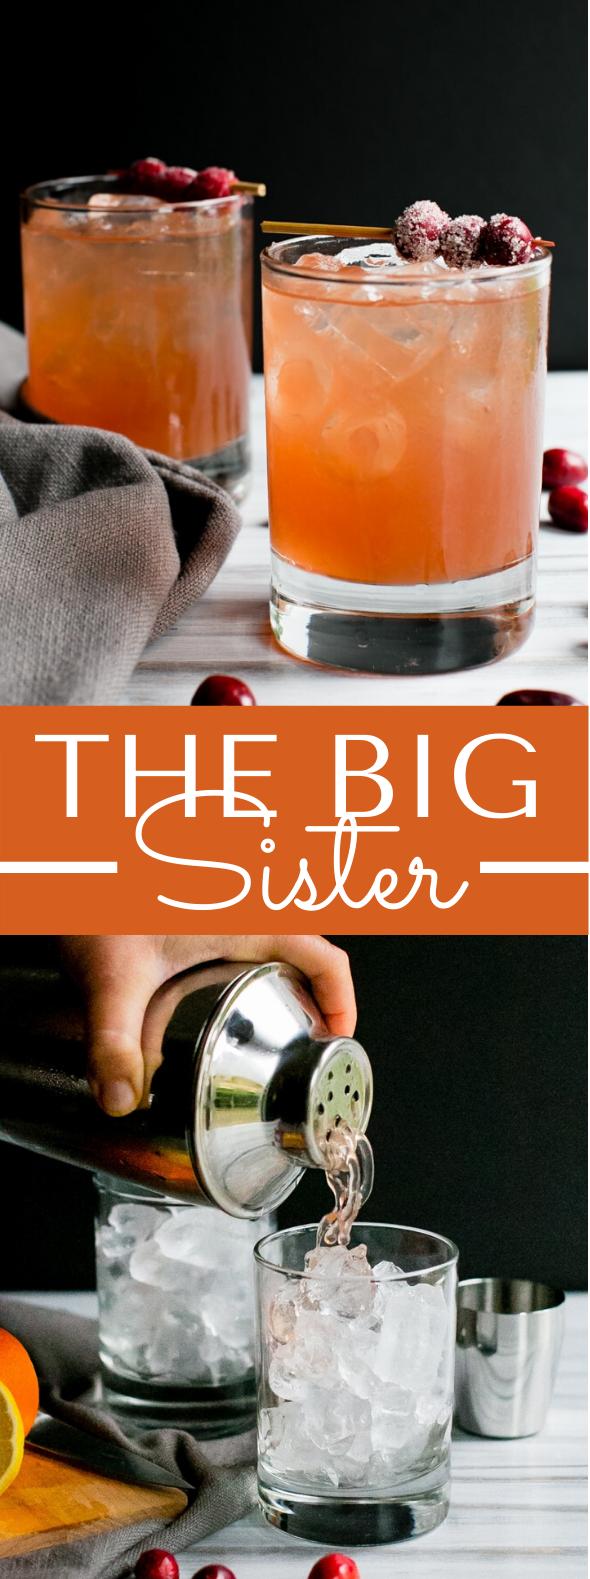 THE BIG SISTER #drinks #cocktails #partydrink #mixeddrink #freshdrink